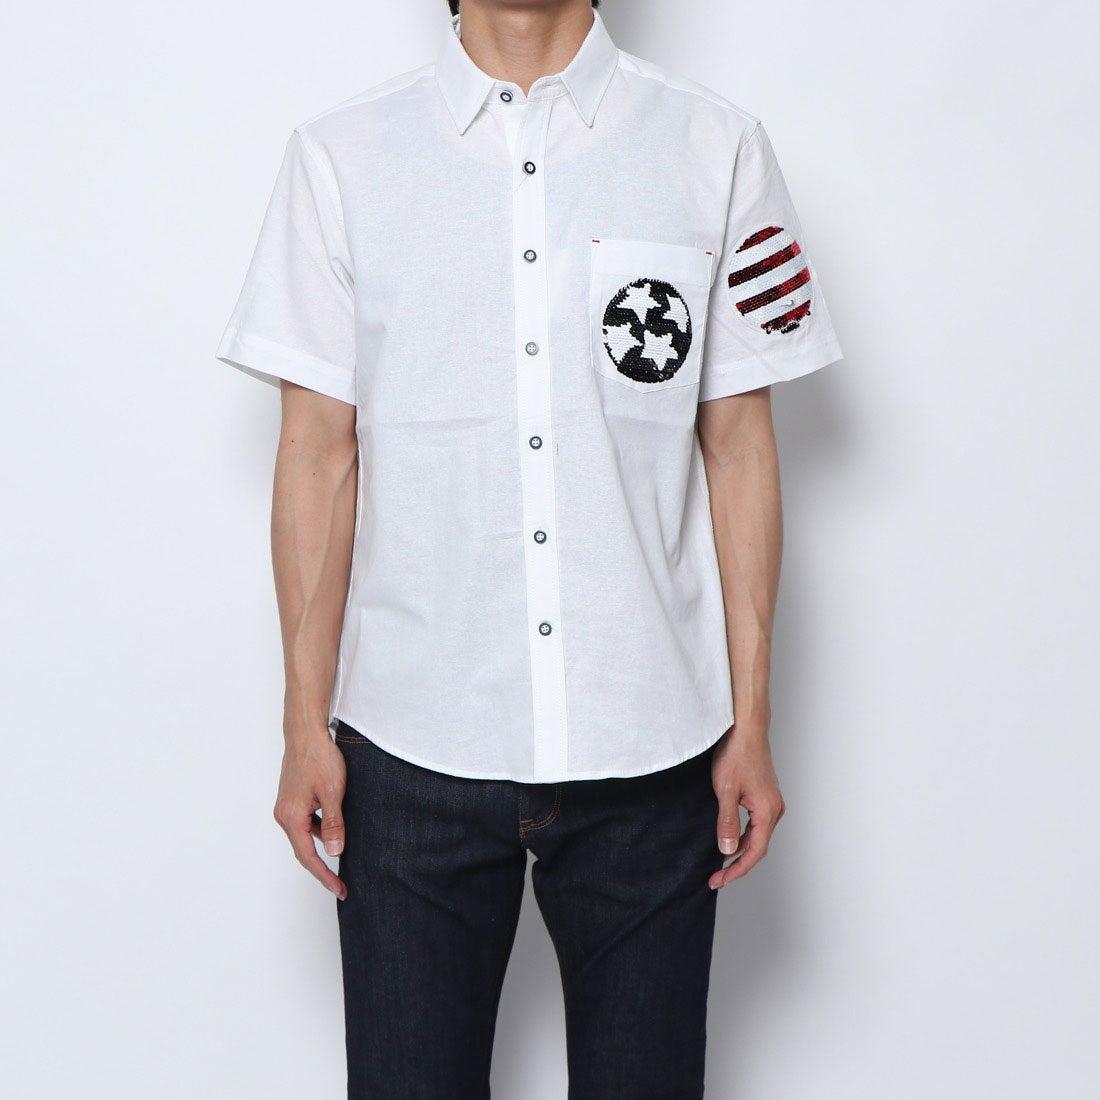 ロコンド 靴とファッションの通販サイトスタイルブロック STYLEBLOCK オックス両面スパンコール刺繍半袖レギュラーシャツ (オフホワイト)